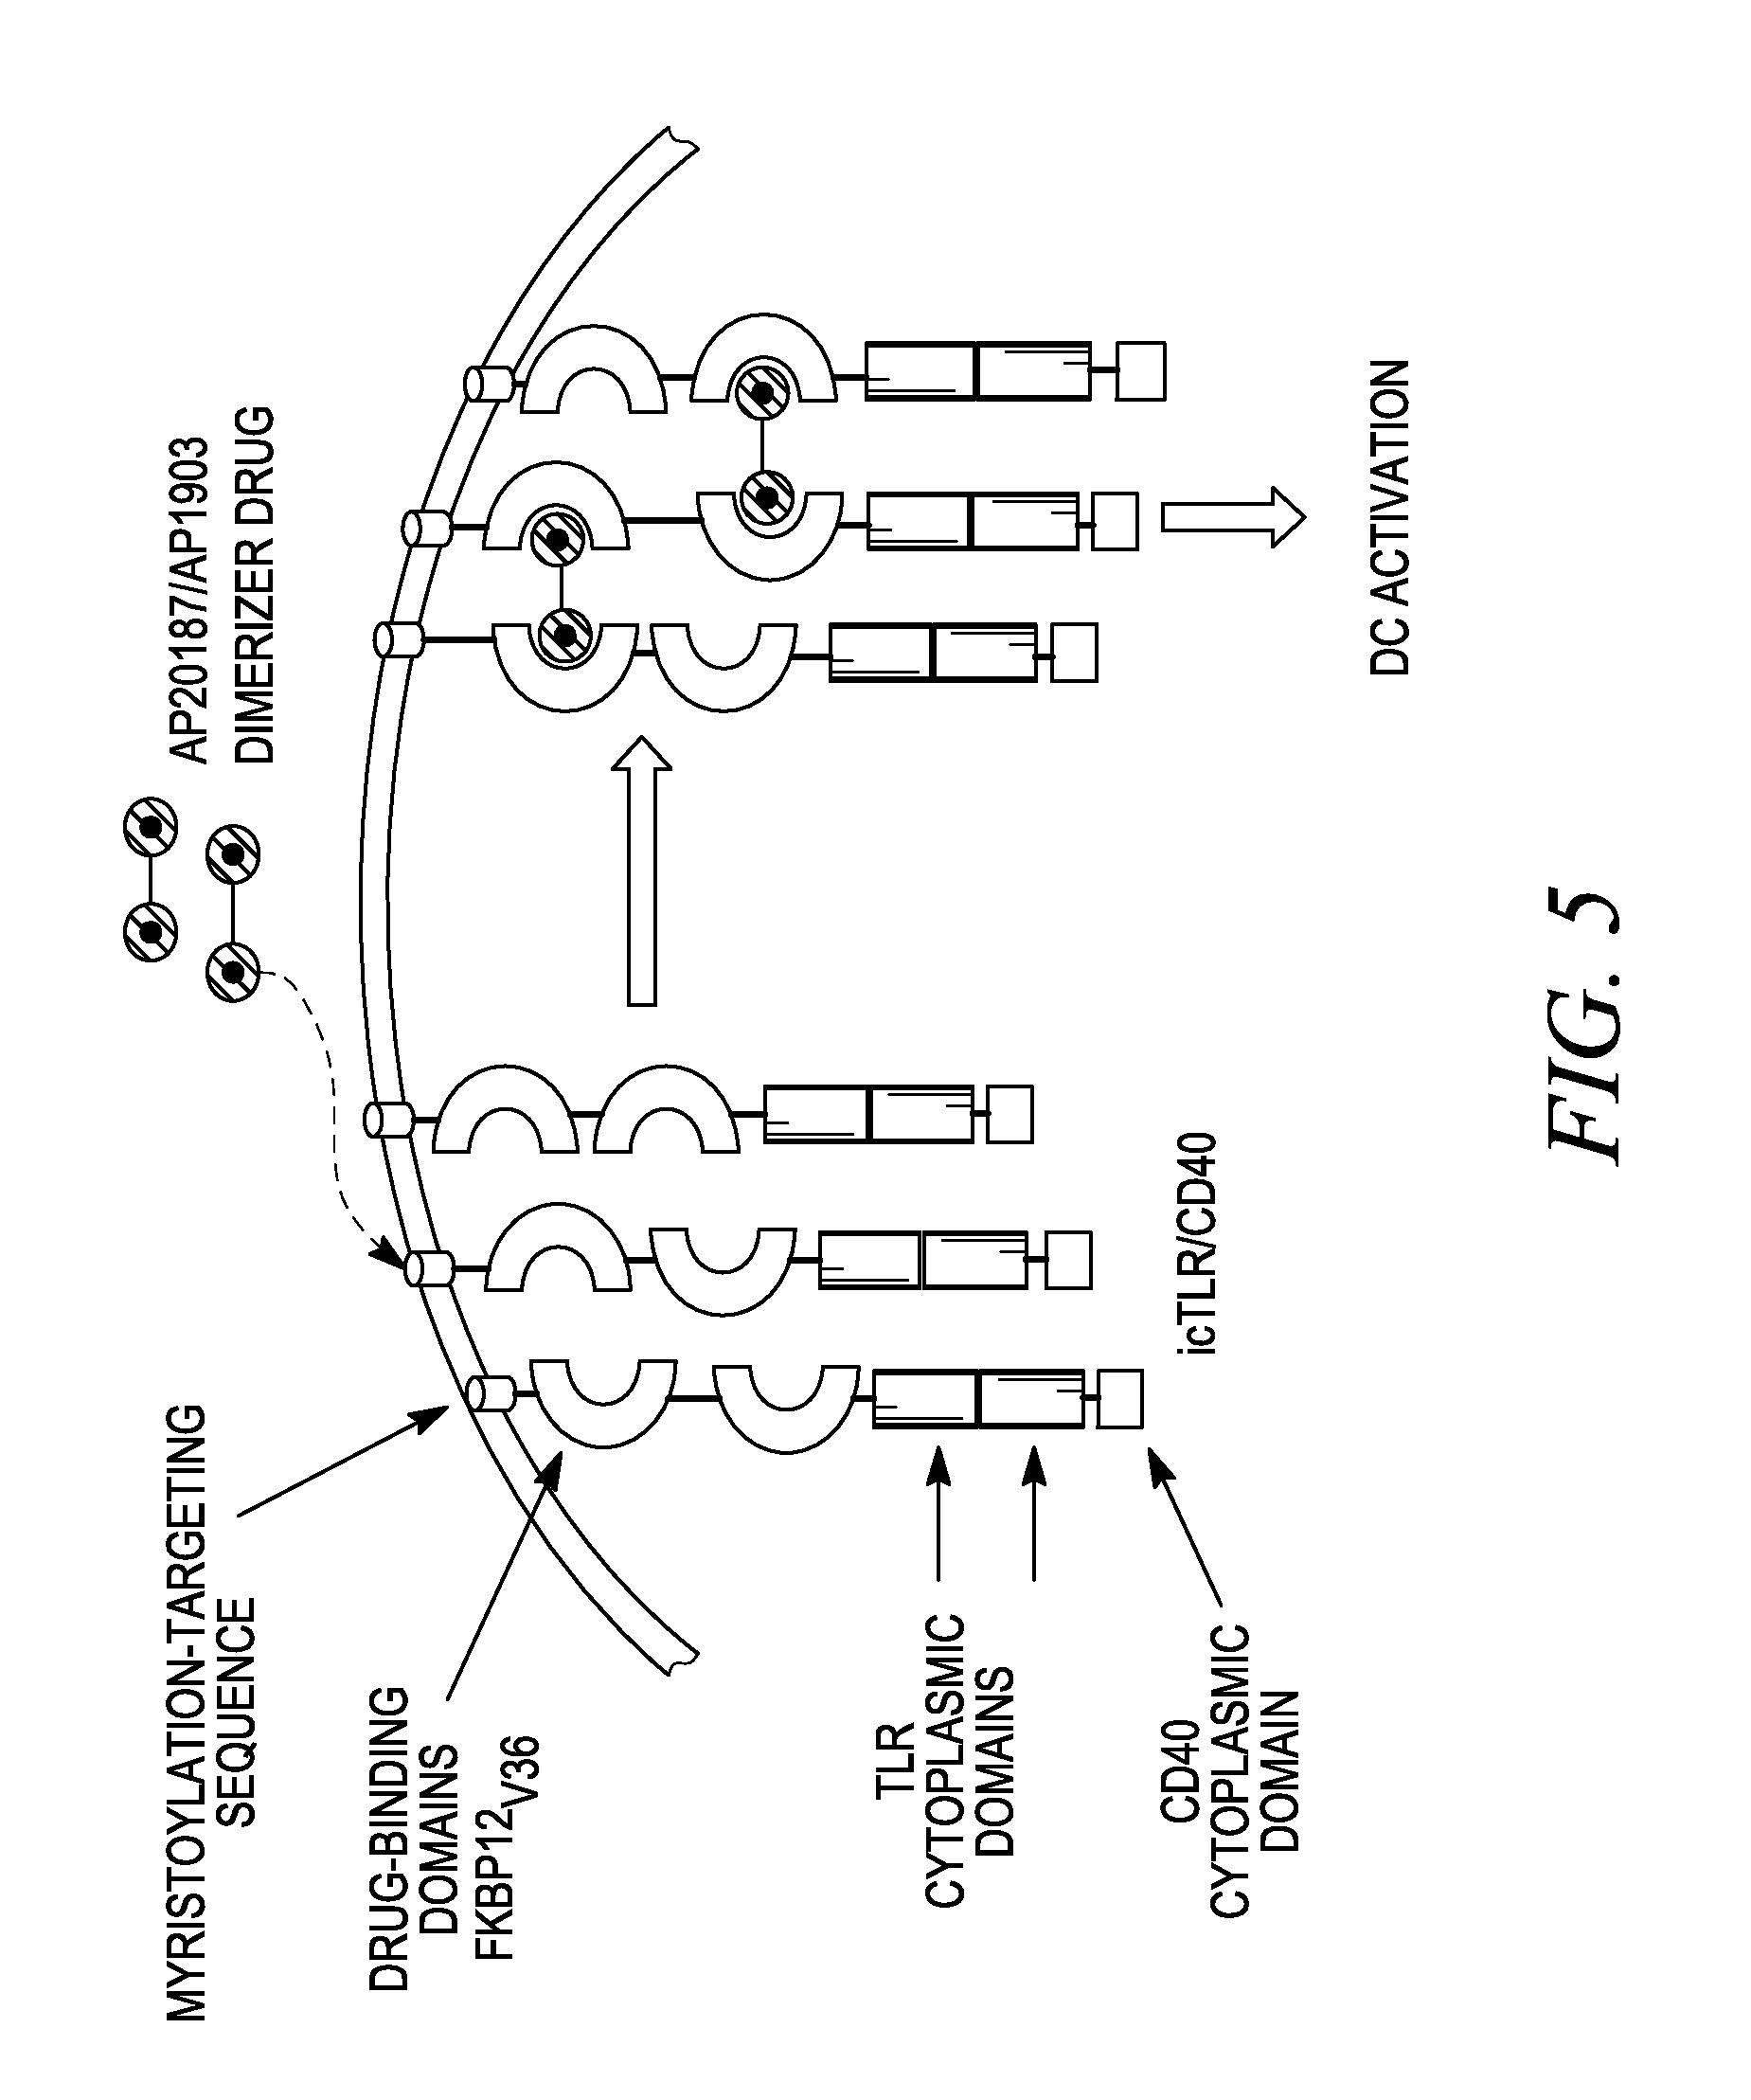 Mastrcon Wiring Diagram